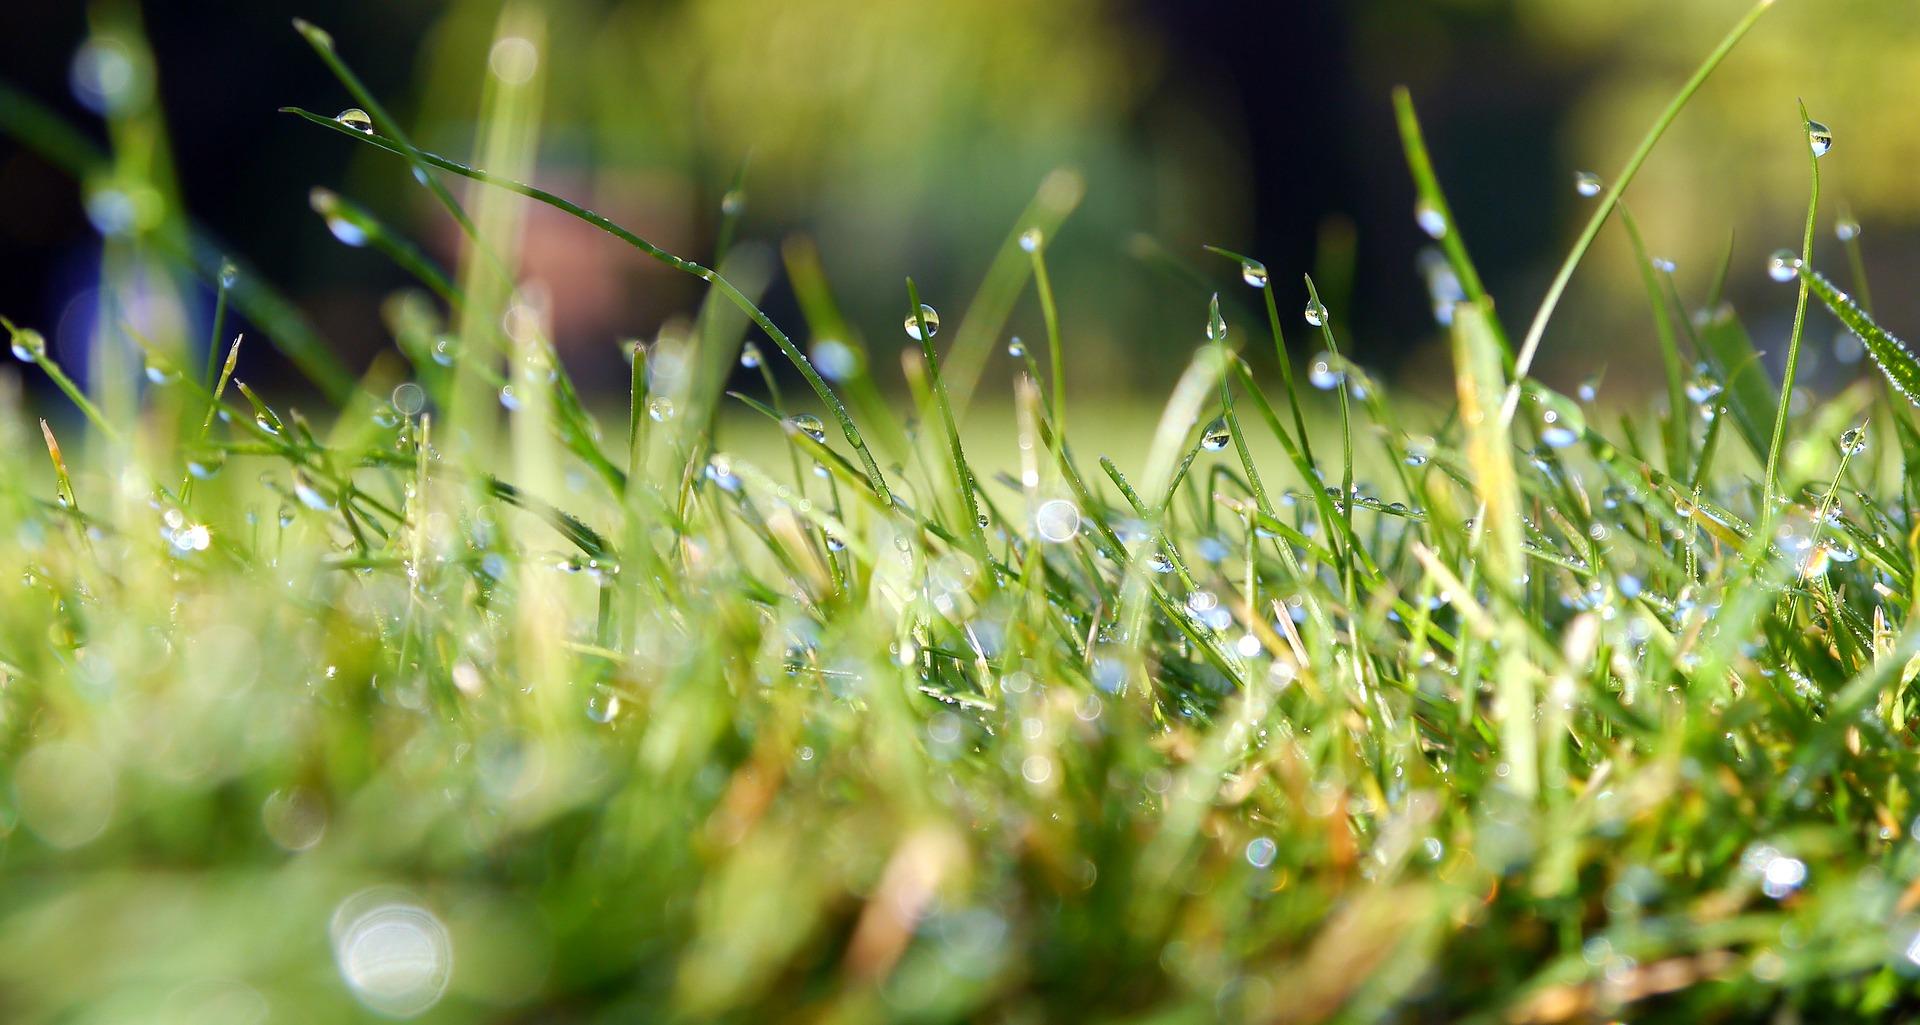 grass-498628_1920